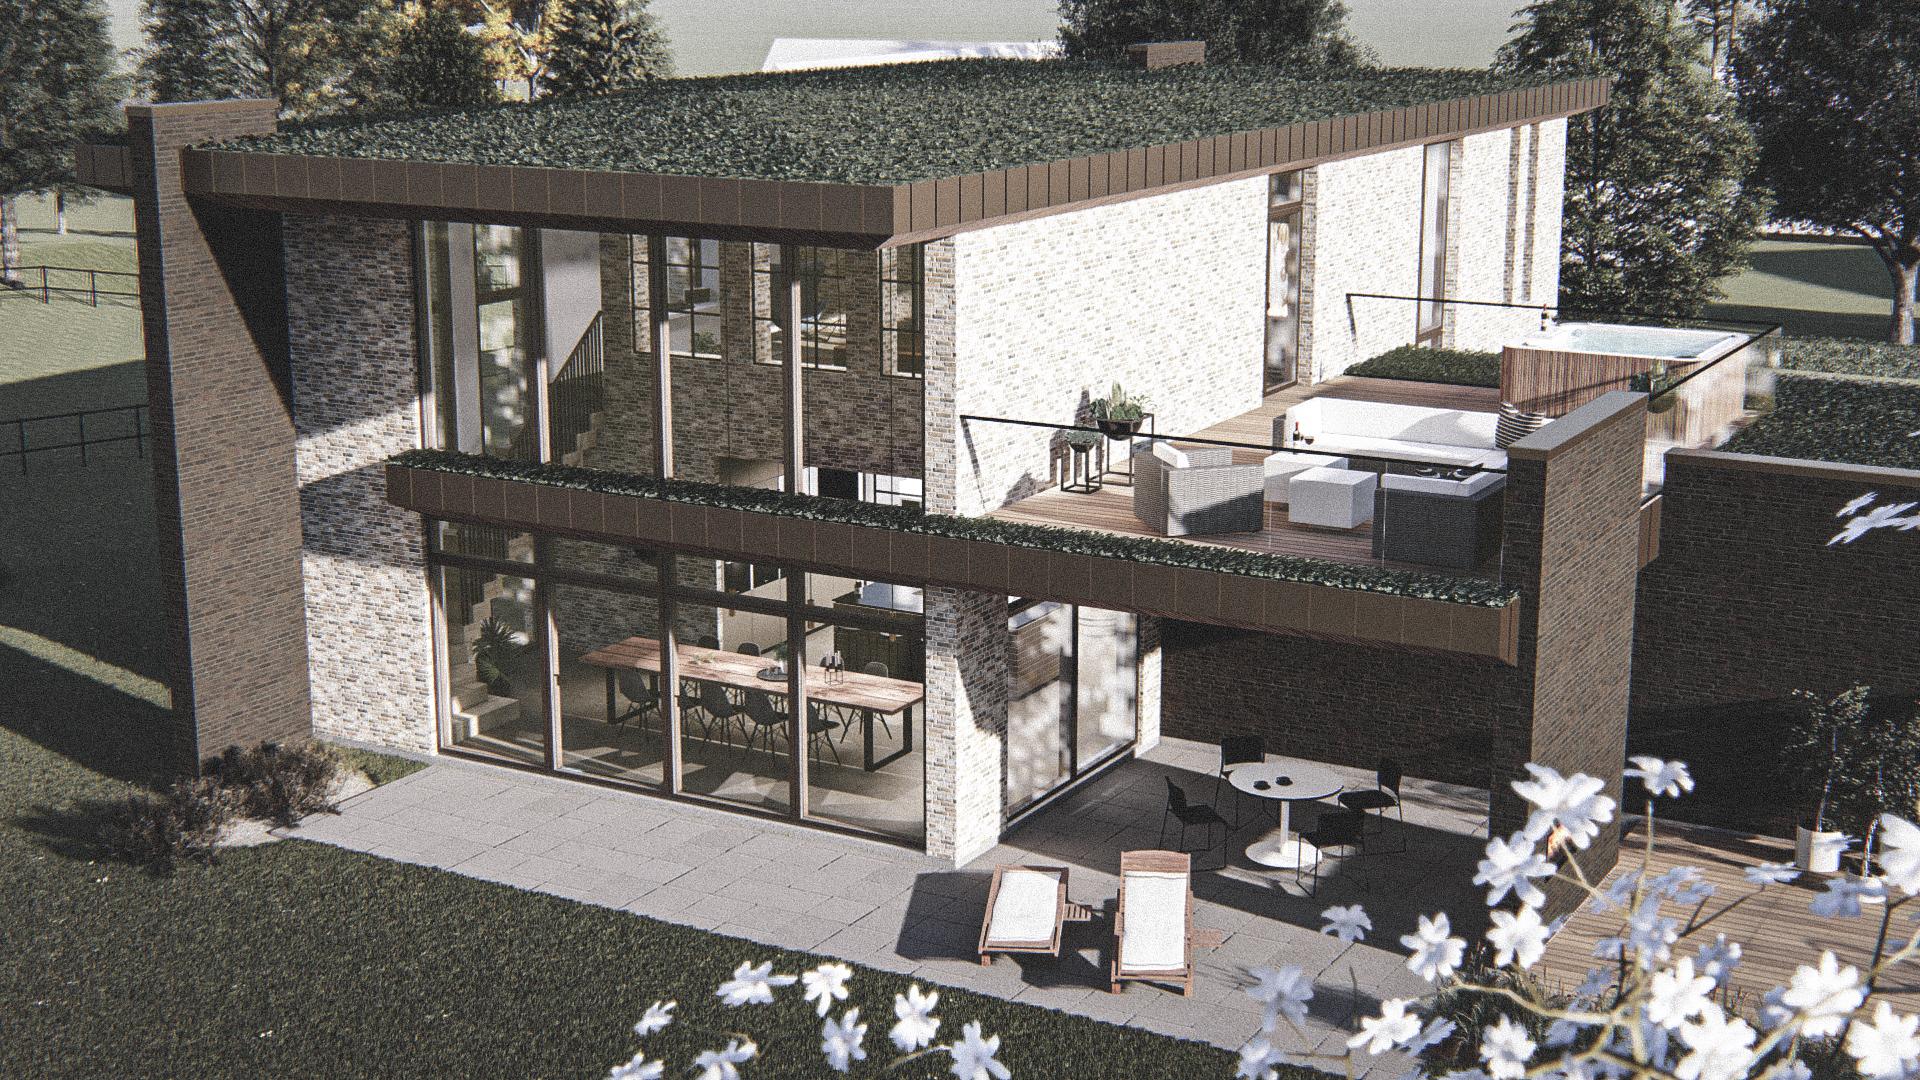 Billede af Dansk arkitekttegnet 2 plan villa af arkitektfirmaet m2plus, i Sejs på 284 kvartratmeter.